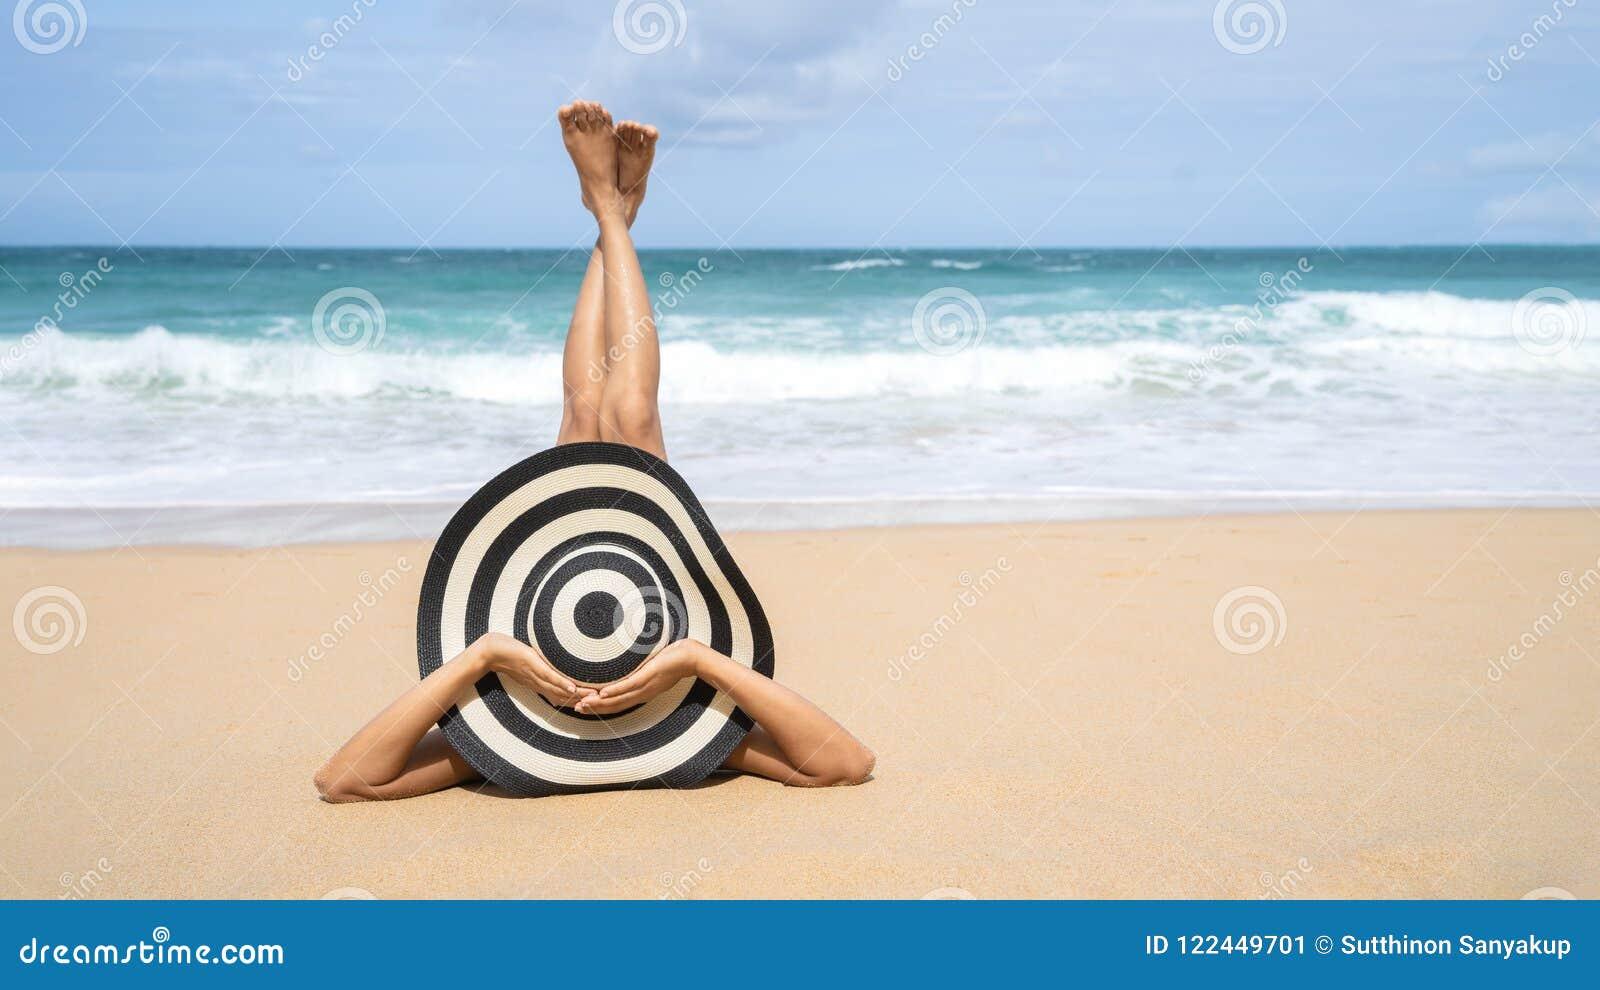 年轻时尚妇女在海滩放松 愉快的海岛生活方式 白色沙子、蓝色多云天空和热带海滩水晶海